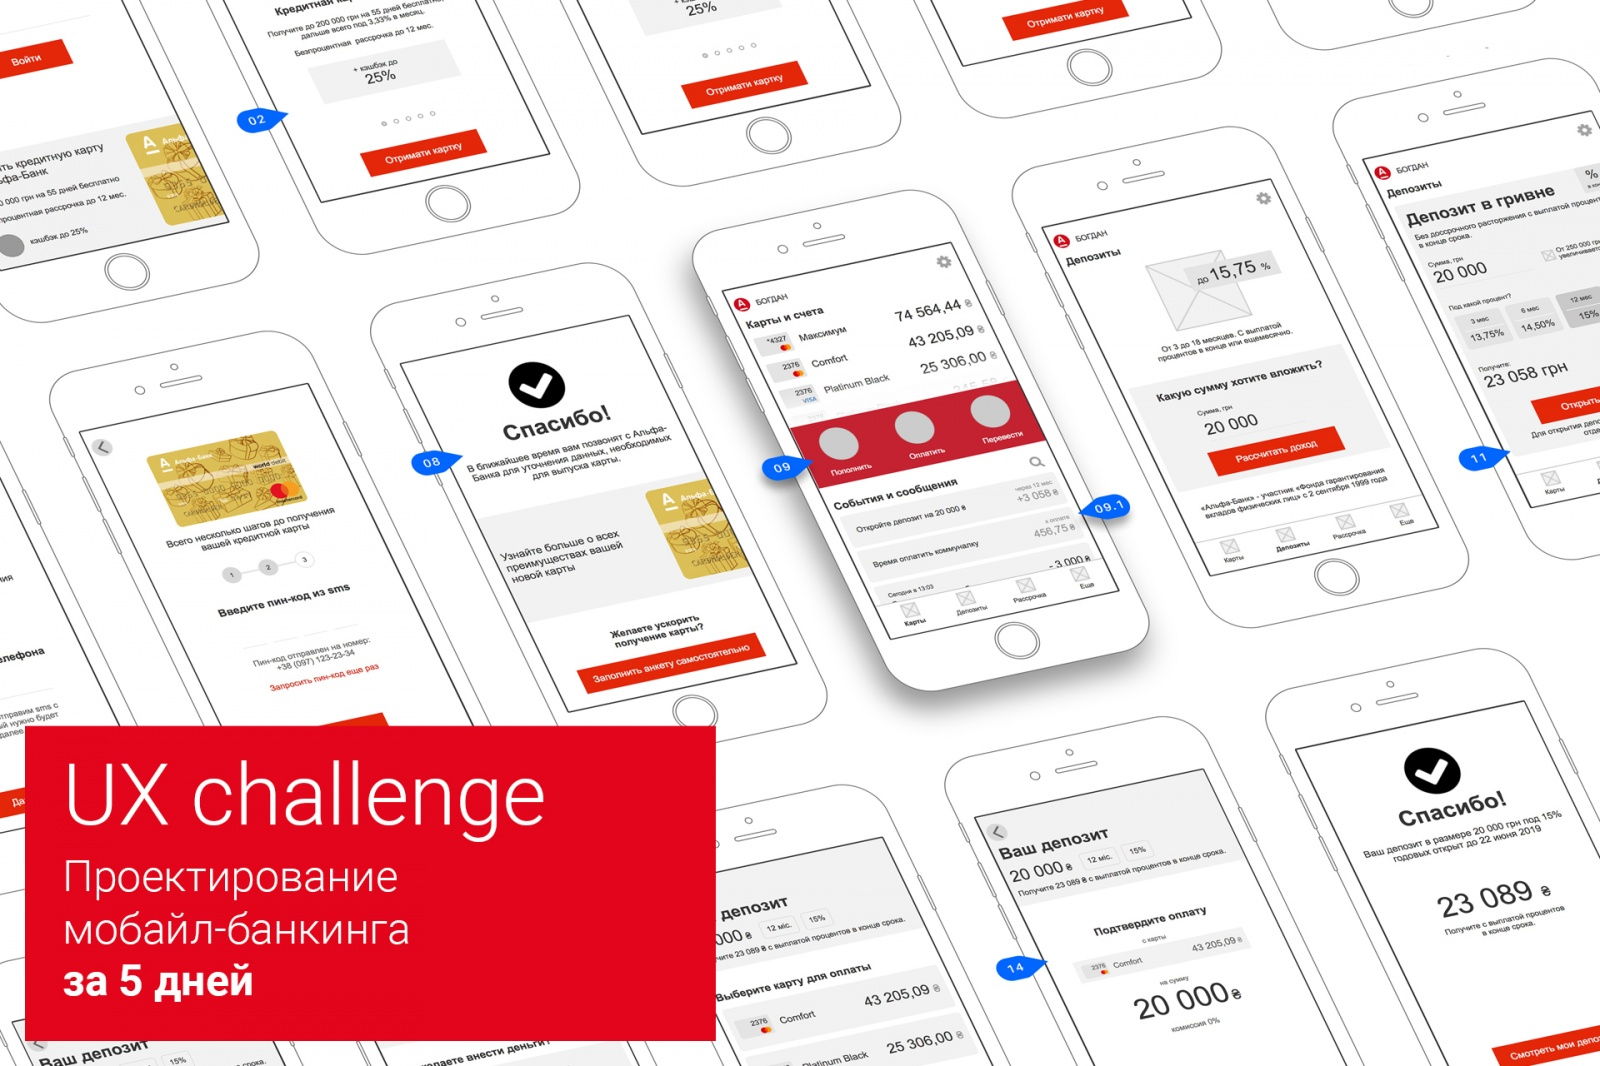 UX-challenge: проектирование приложения мобильного банка за 5 дней - 1